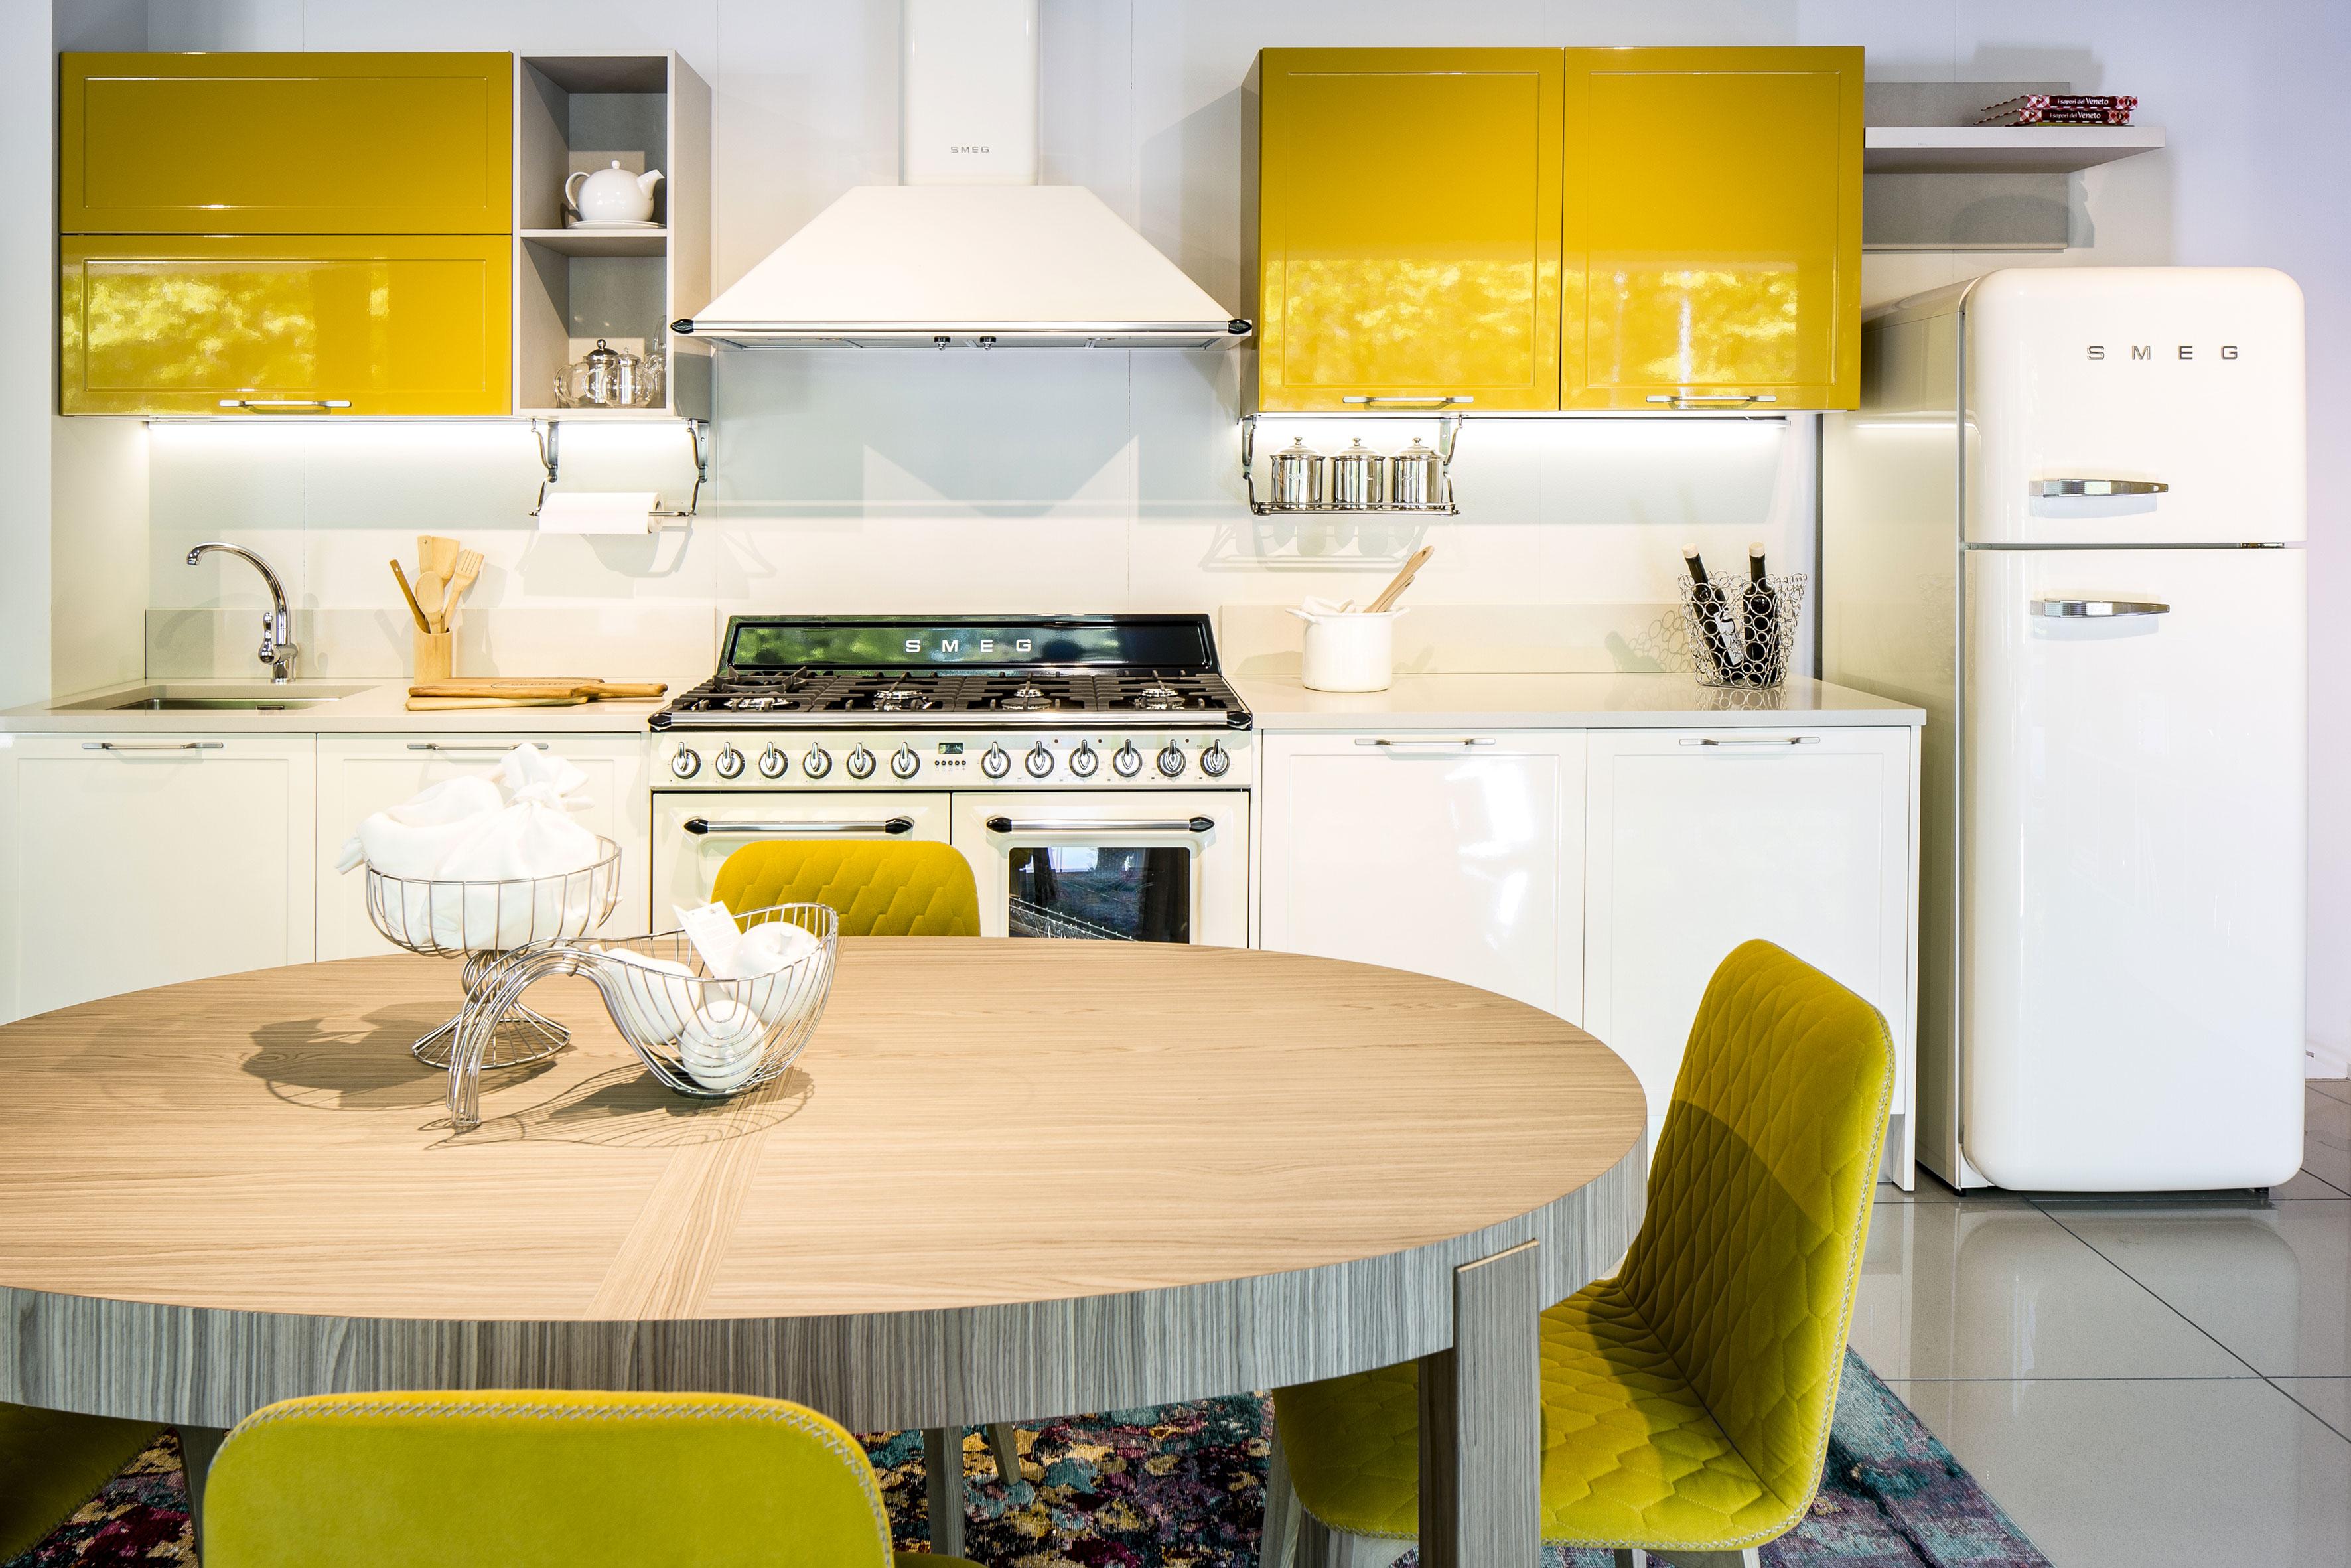 Cucine moderne le tre finiture di tendenza nel 2018 - Cucina bianca lucida ...